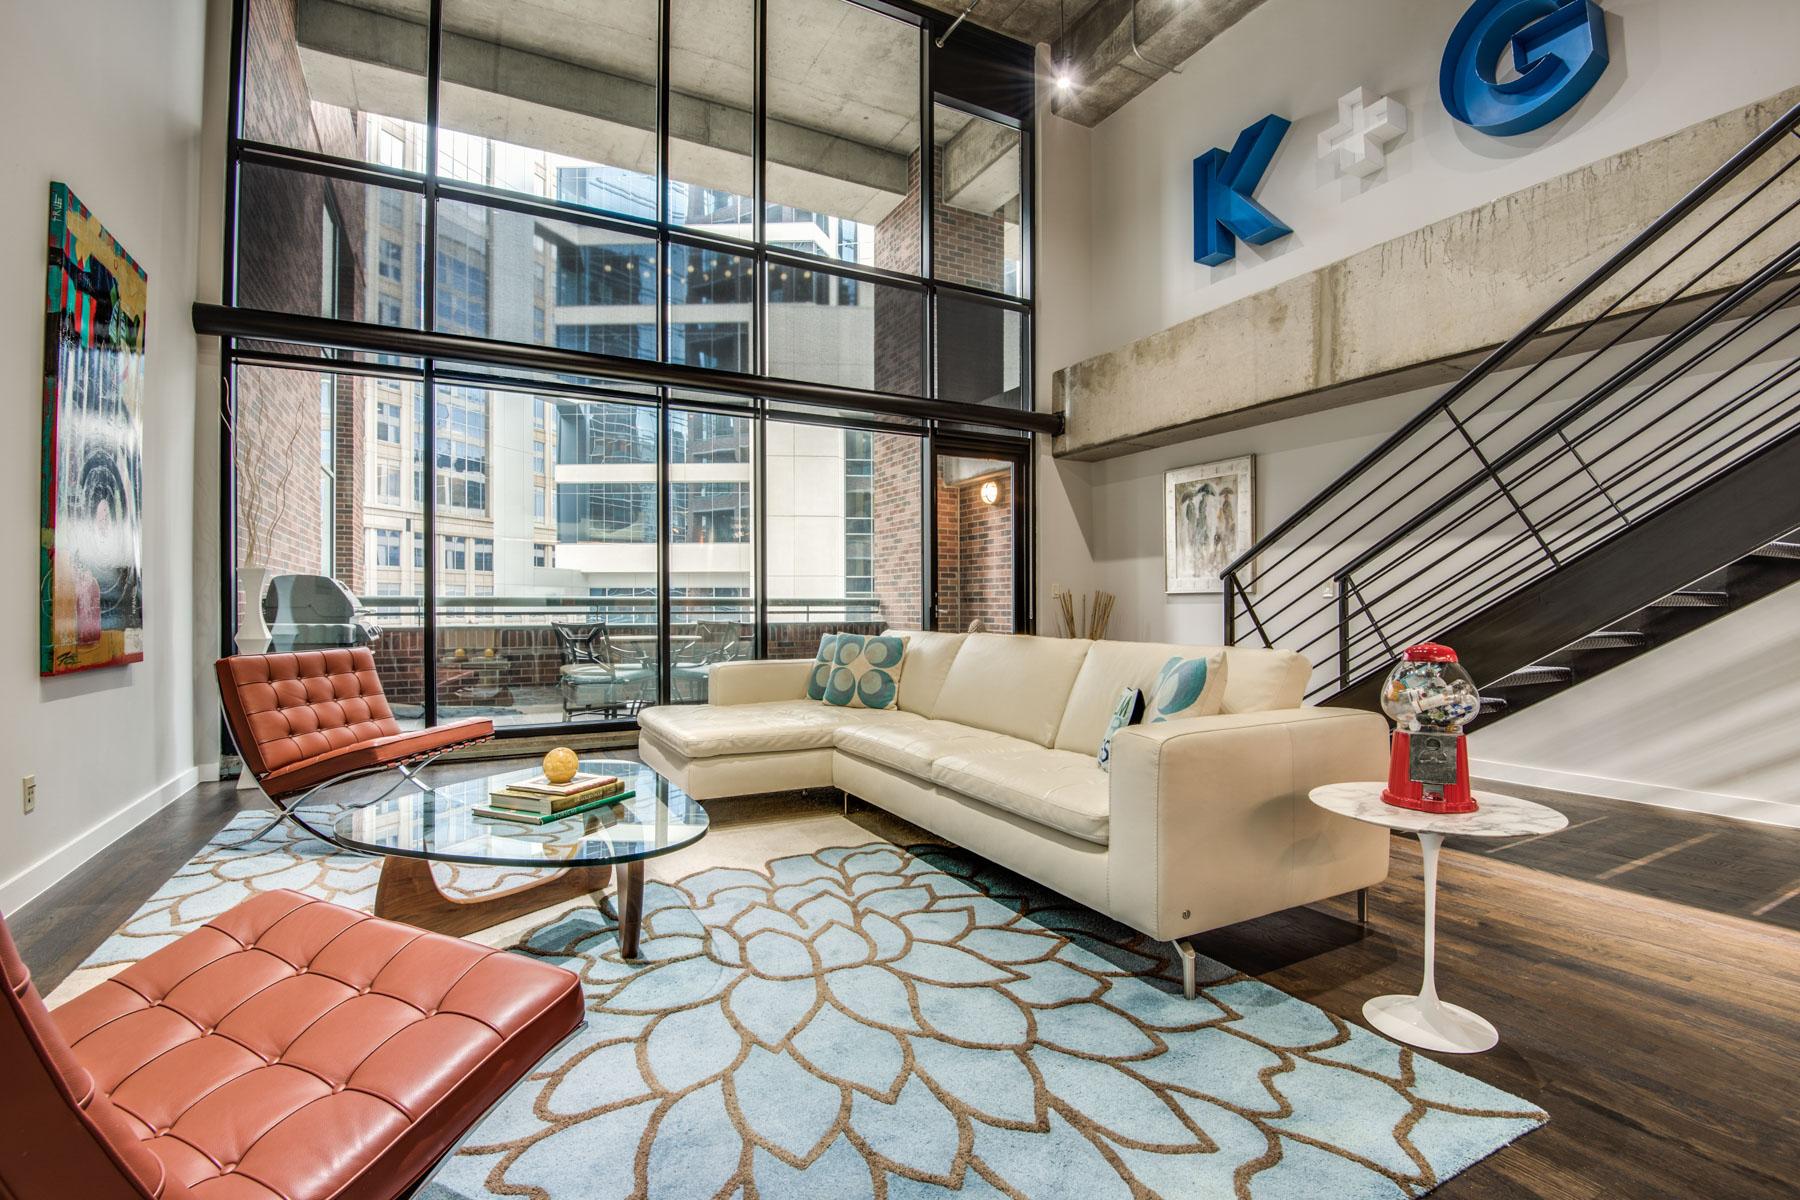 独户住宅 为 销售 在 1999 McKinney Condominium 1999 McKinney Ave 405 达拉斯, 得克萨斯州, 75201 美国